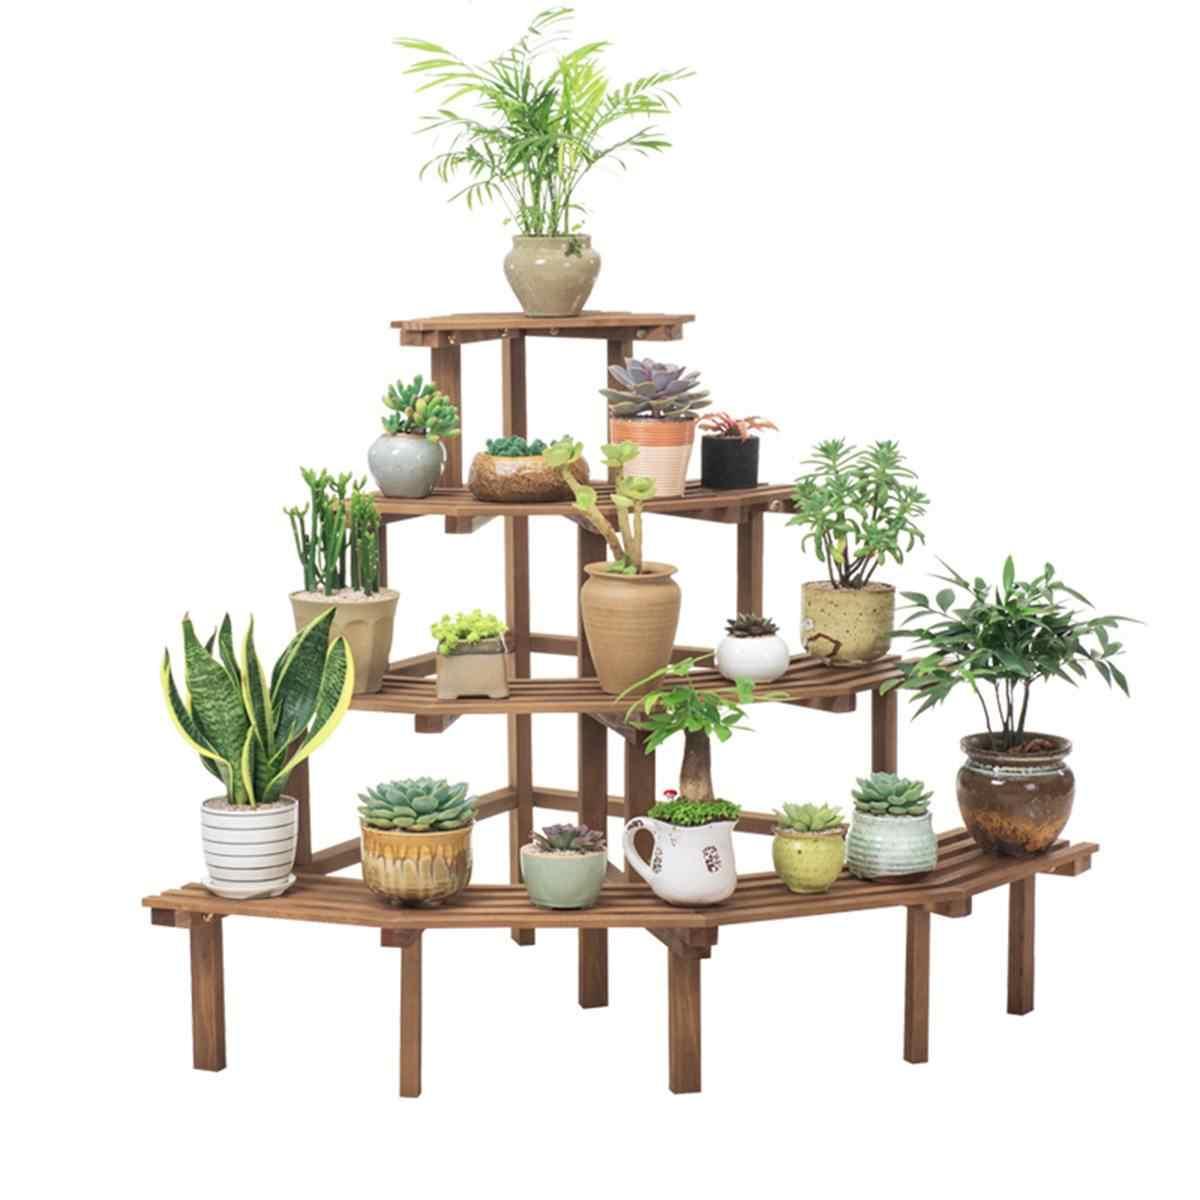 8 أنواع الخشب الطبيعي النباتات حامل زهرة وعاء رف شاشة متعددة طبقة حديقة شرفة الباحة الغراس التخزين المنظم